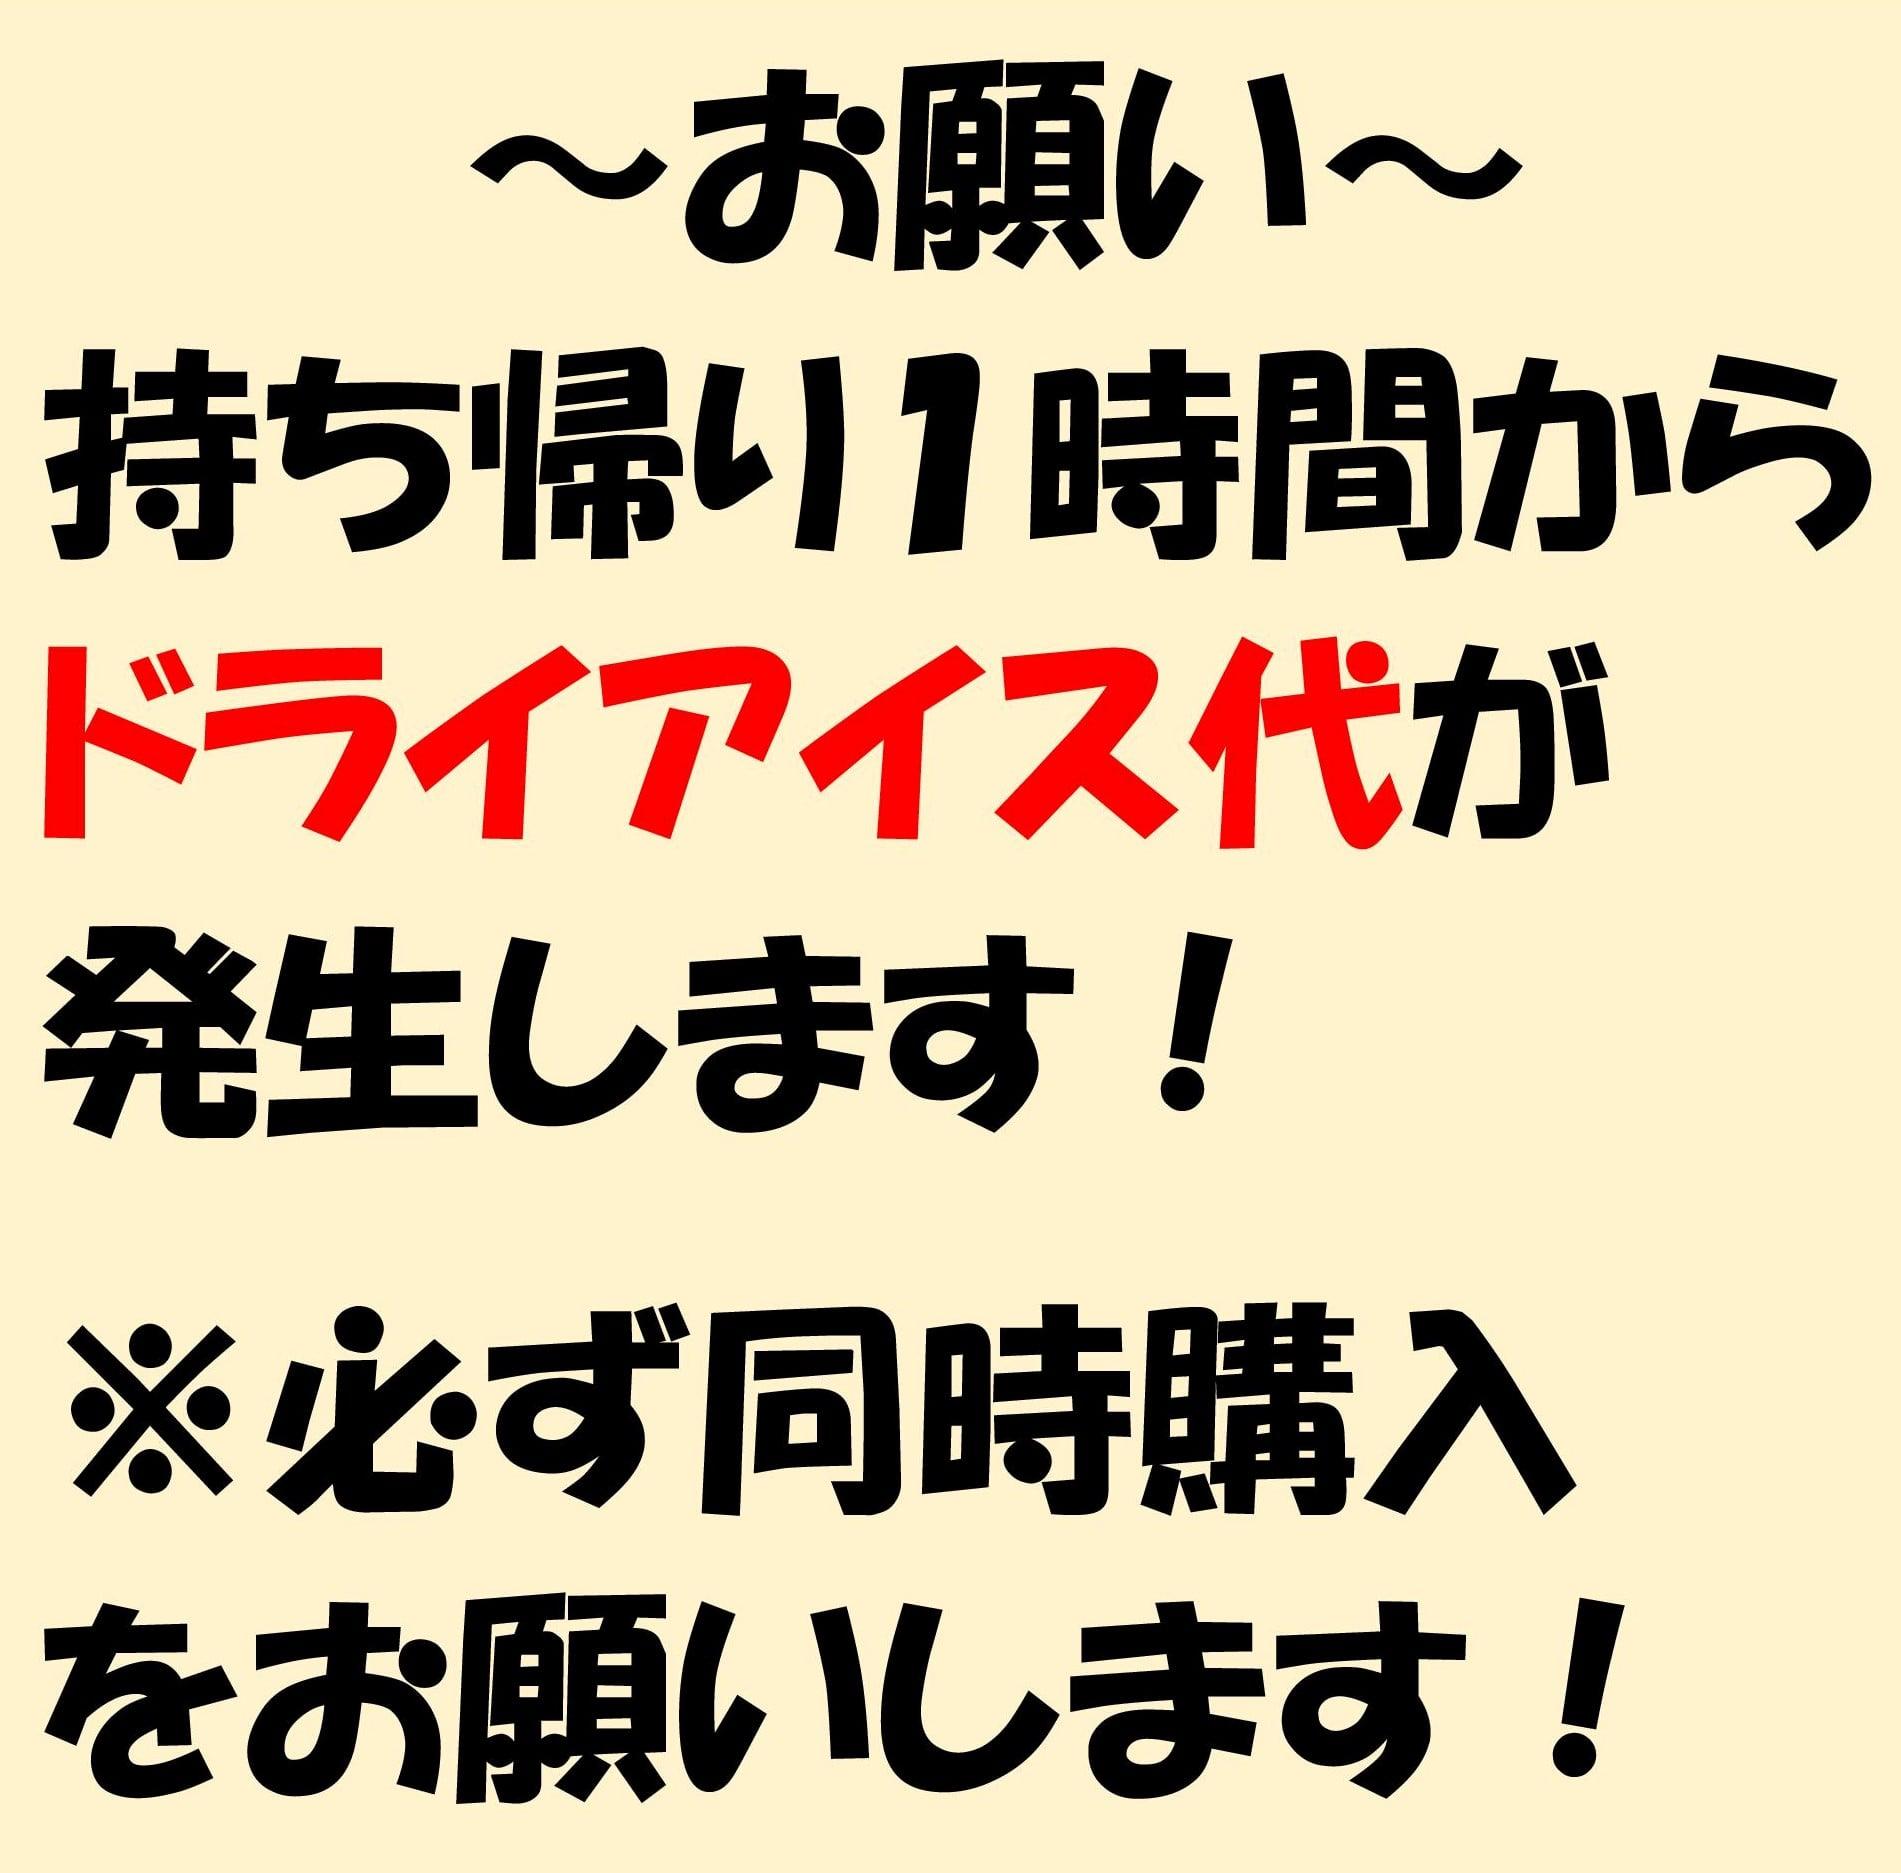 【テイクアウト専用】ジェラートSUGAOプレミアムカップのイメージその3